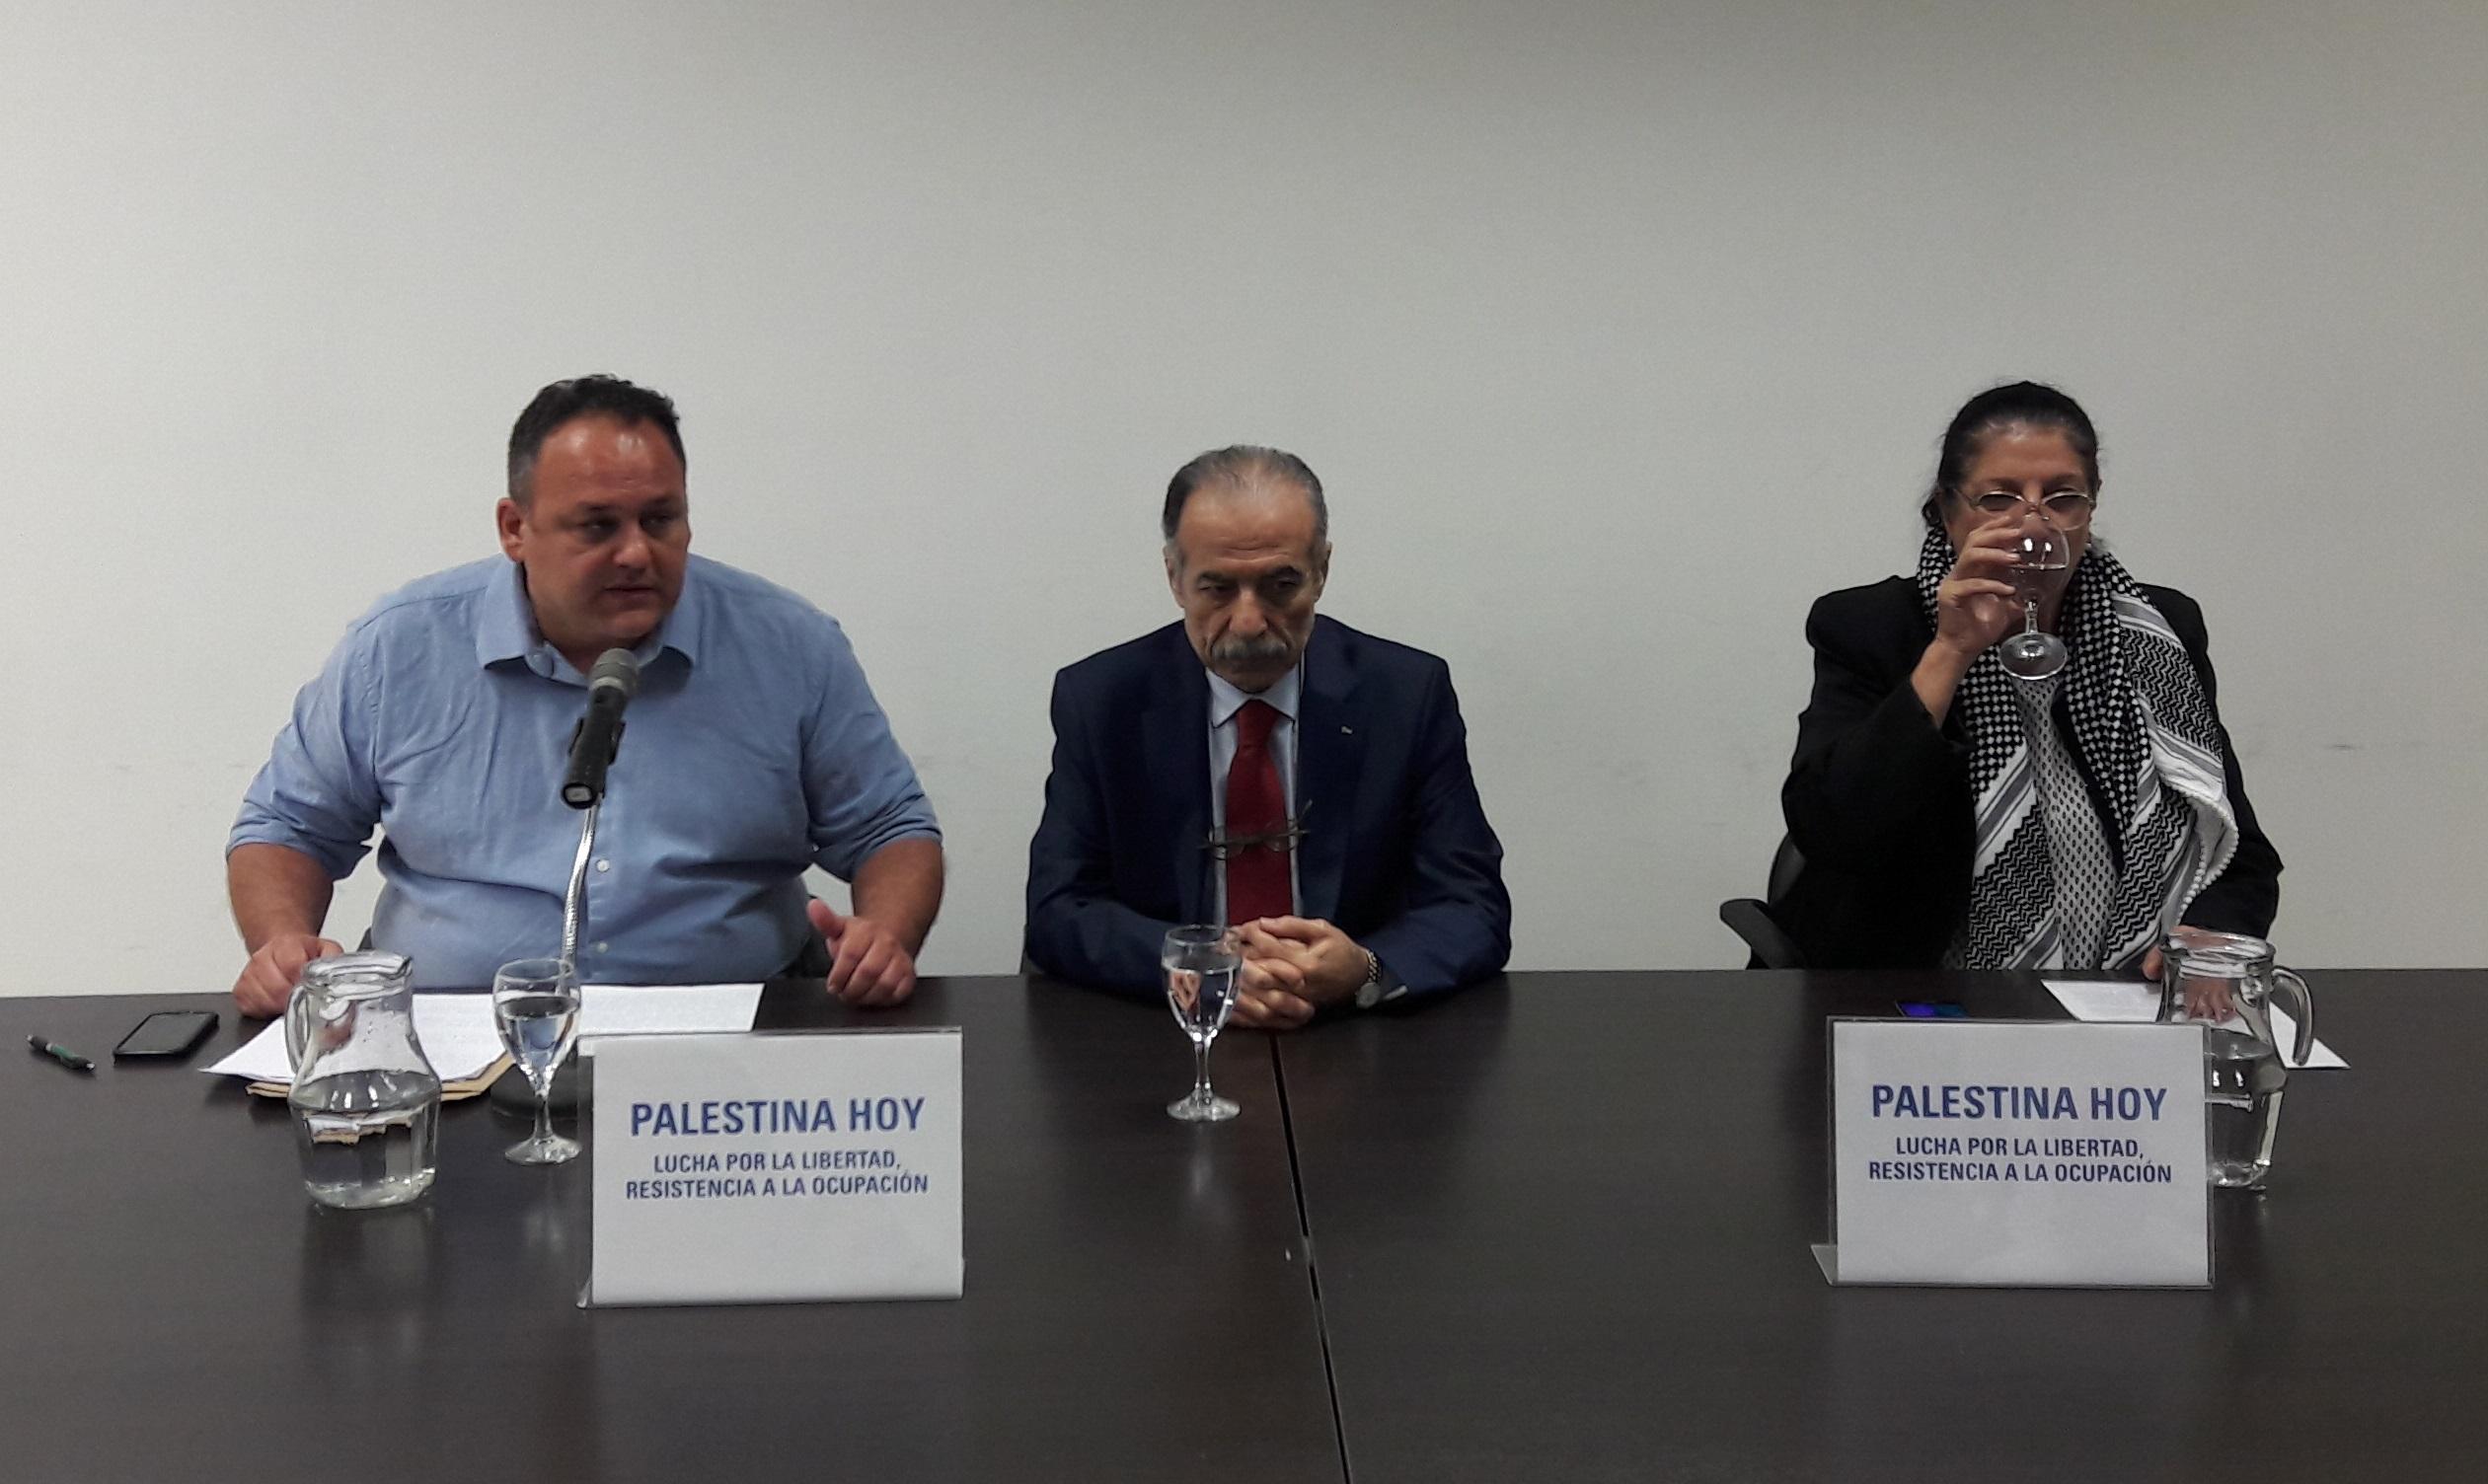 """Para el embajador de Palestina en Argentina, Isis y la política militarista de Israel """"están al servicio"""" de Estados Unidos"""